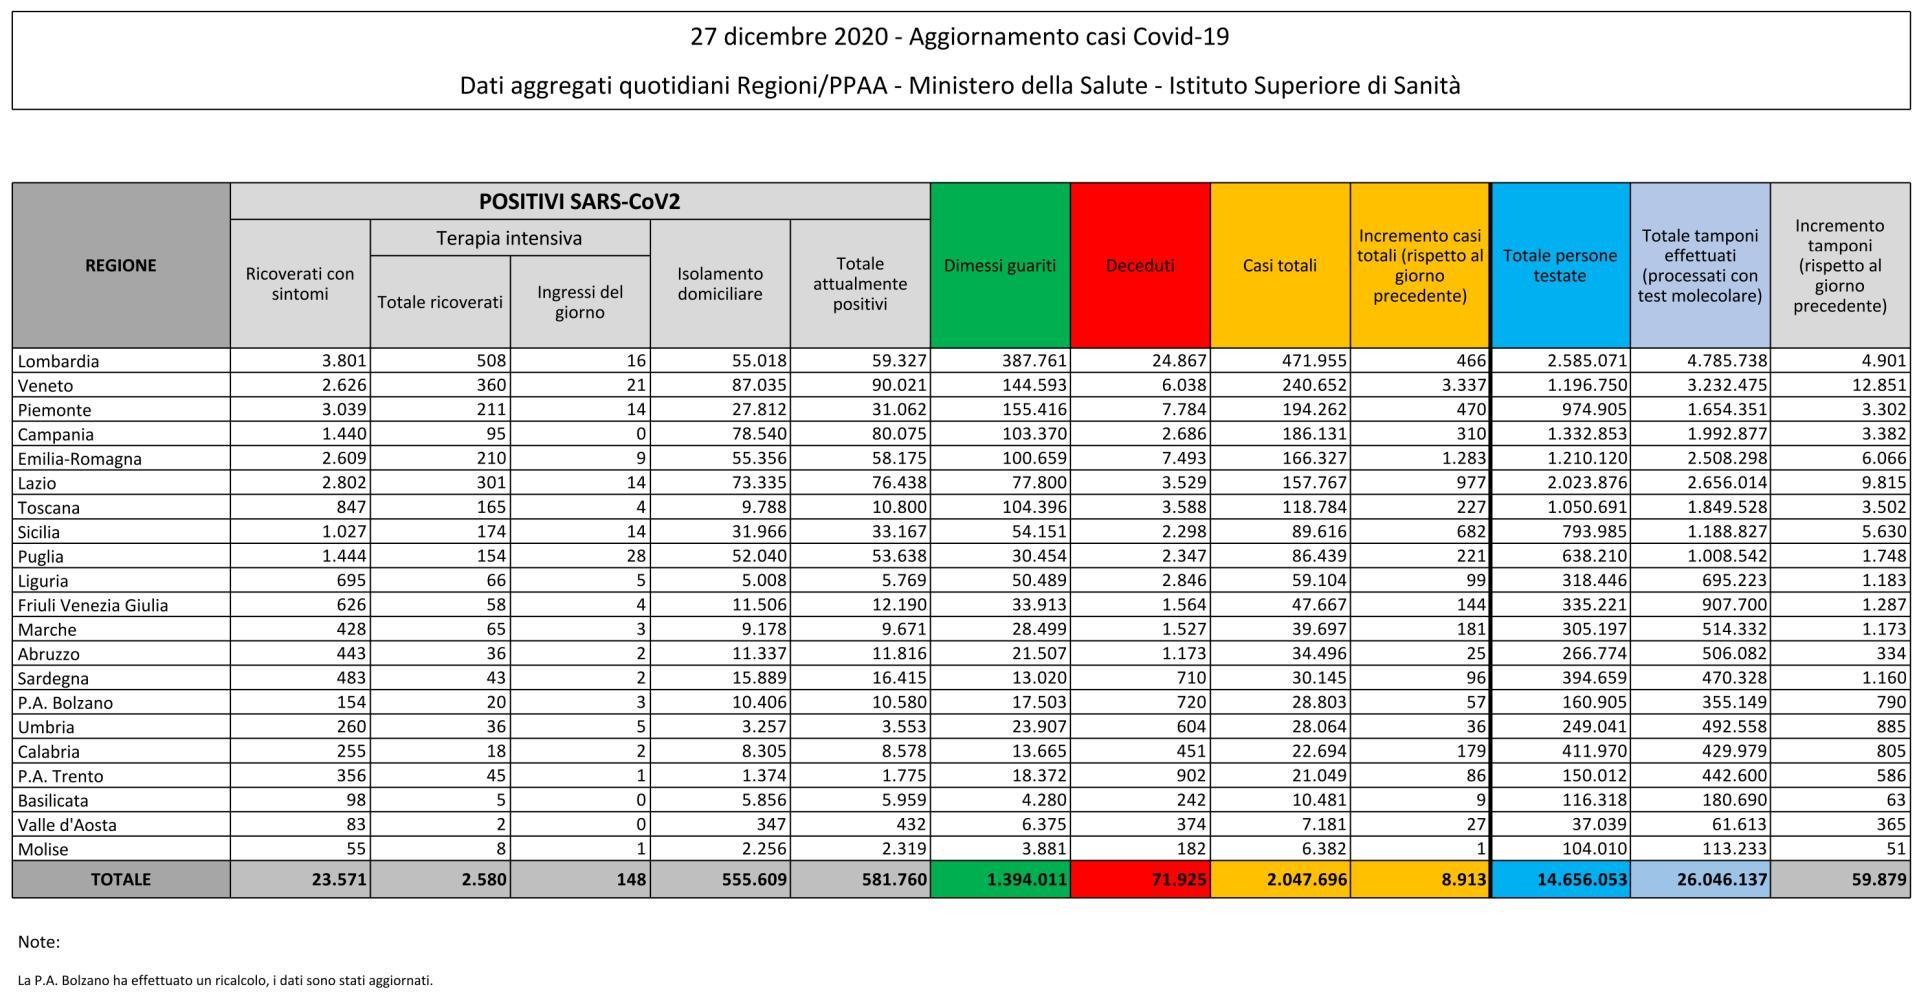 27 dicembre 2020 - Aggiornamento casi Covid-19 Dati aggregati quotidiani Regioni/PPAA - Ministero della Salute - Istituto Superiore di Sanità